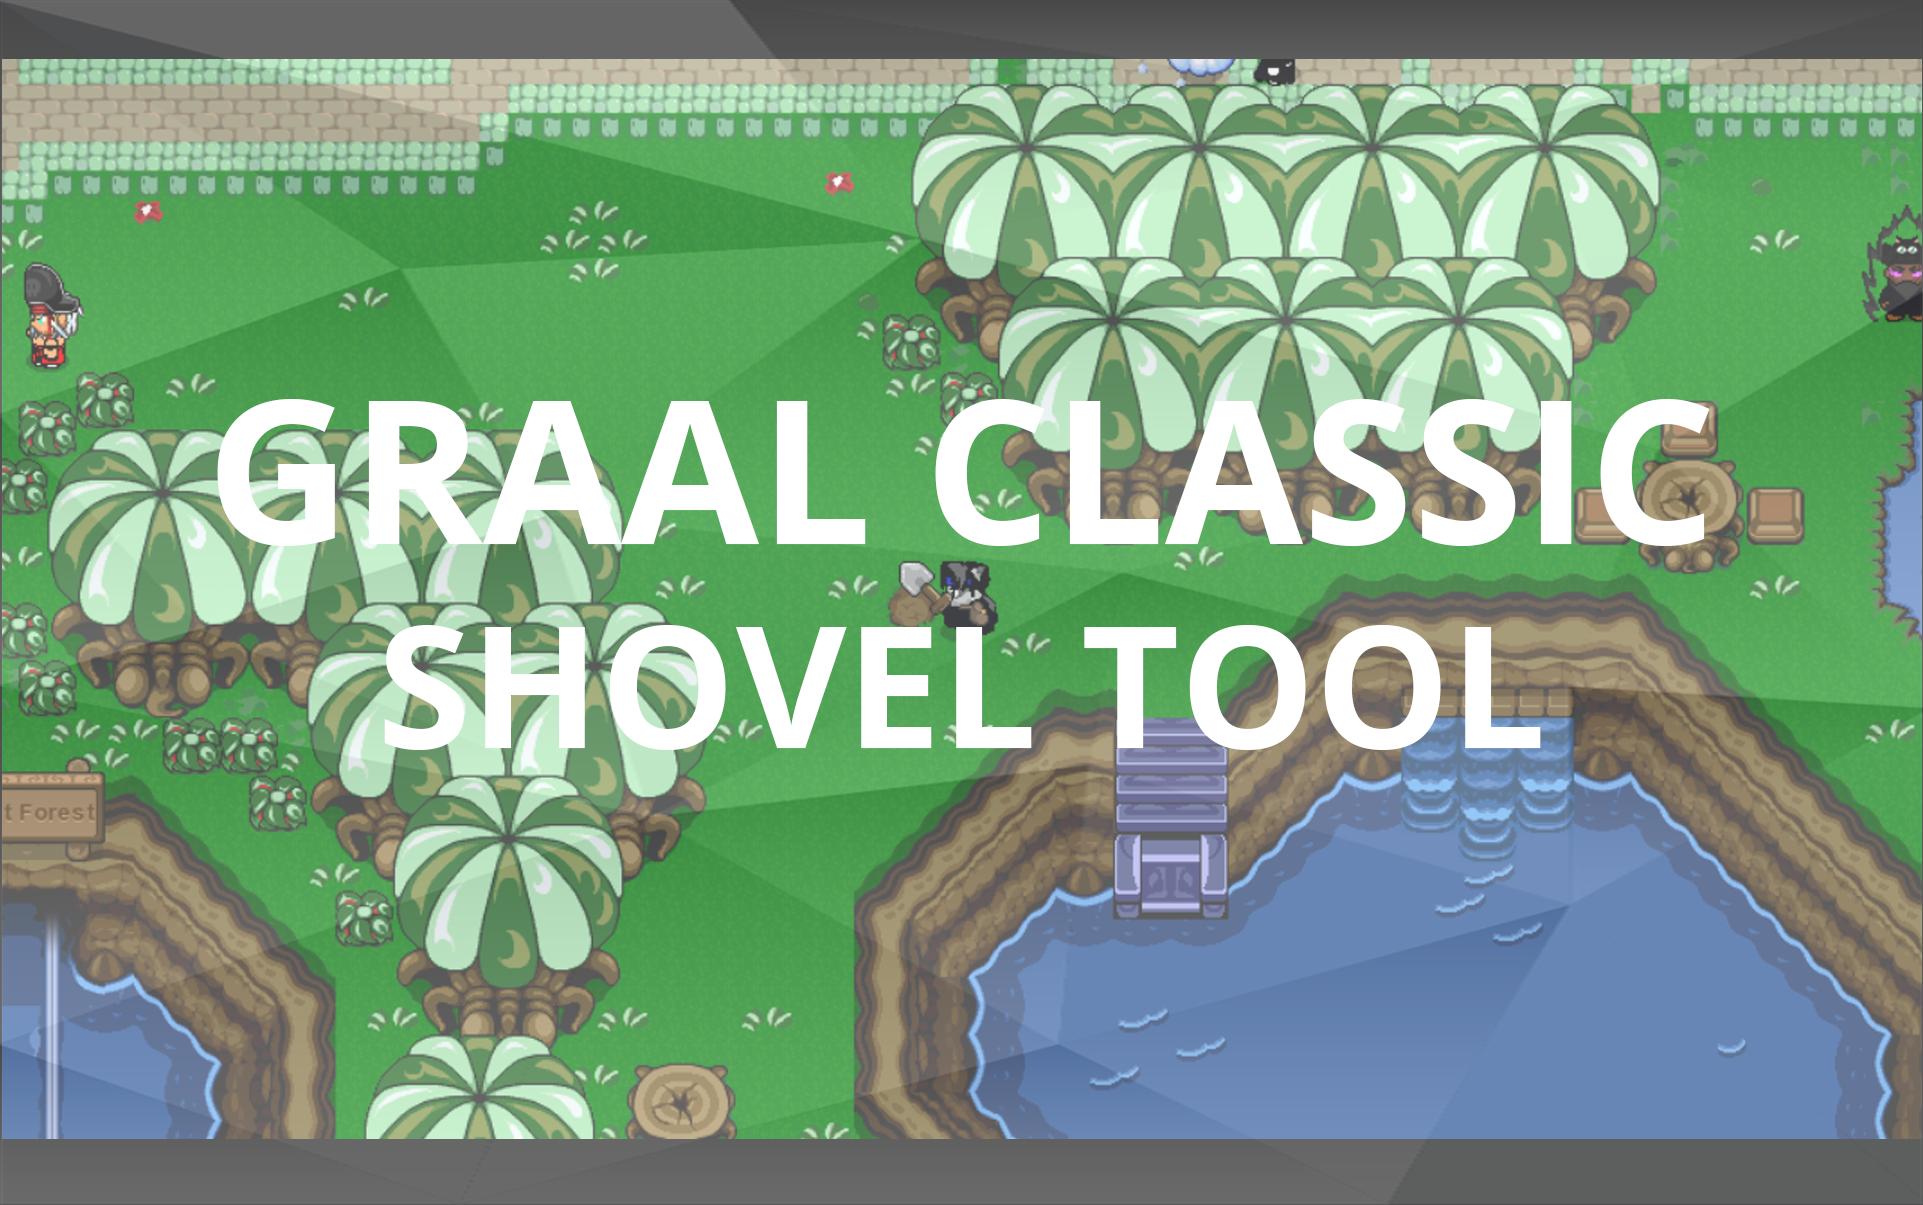 Graal Classic Shovel Tool